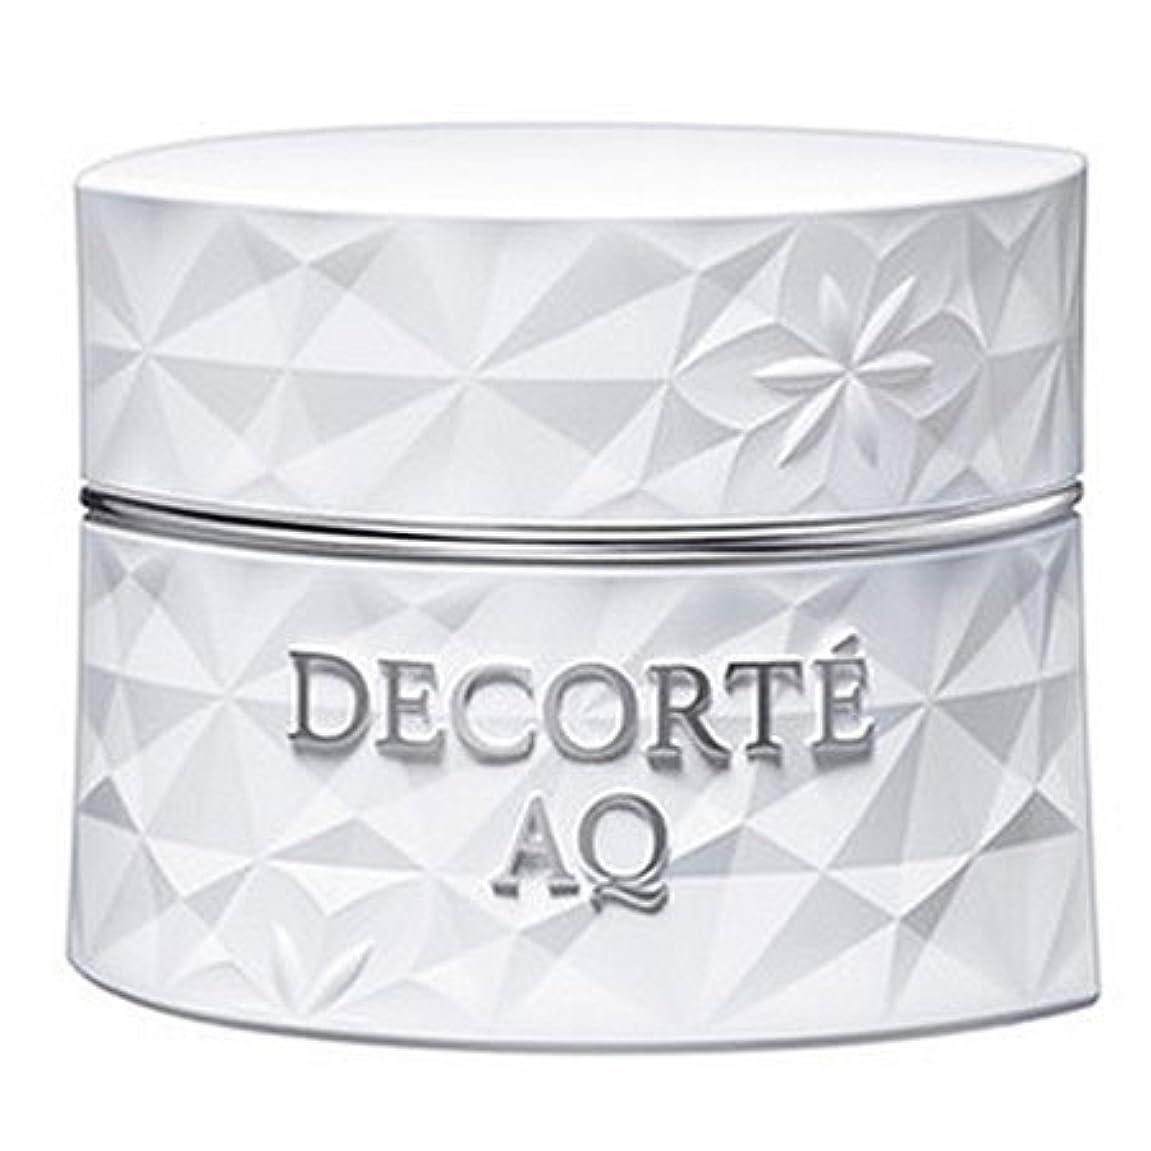 敬の念ちらつきクラッチコスメデコルテ AQ ホワイトニング クリーム 25g-COSME DECORTE-